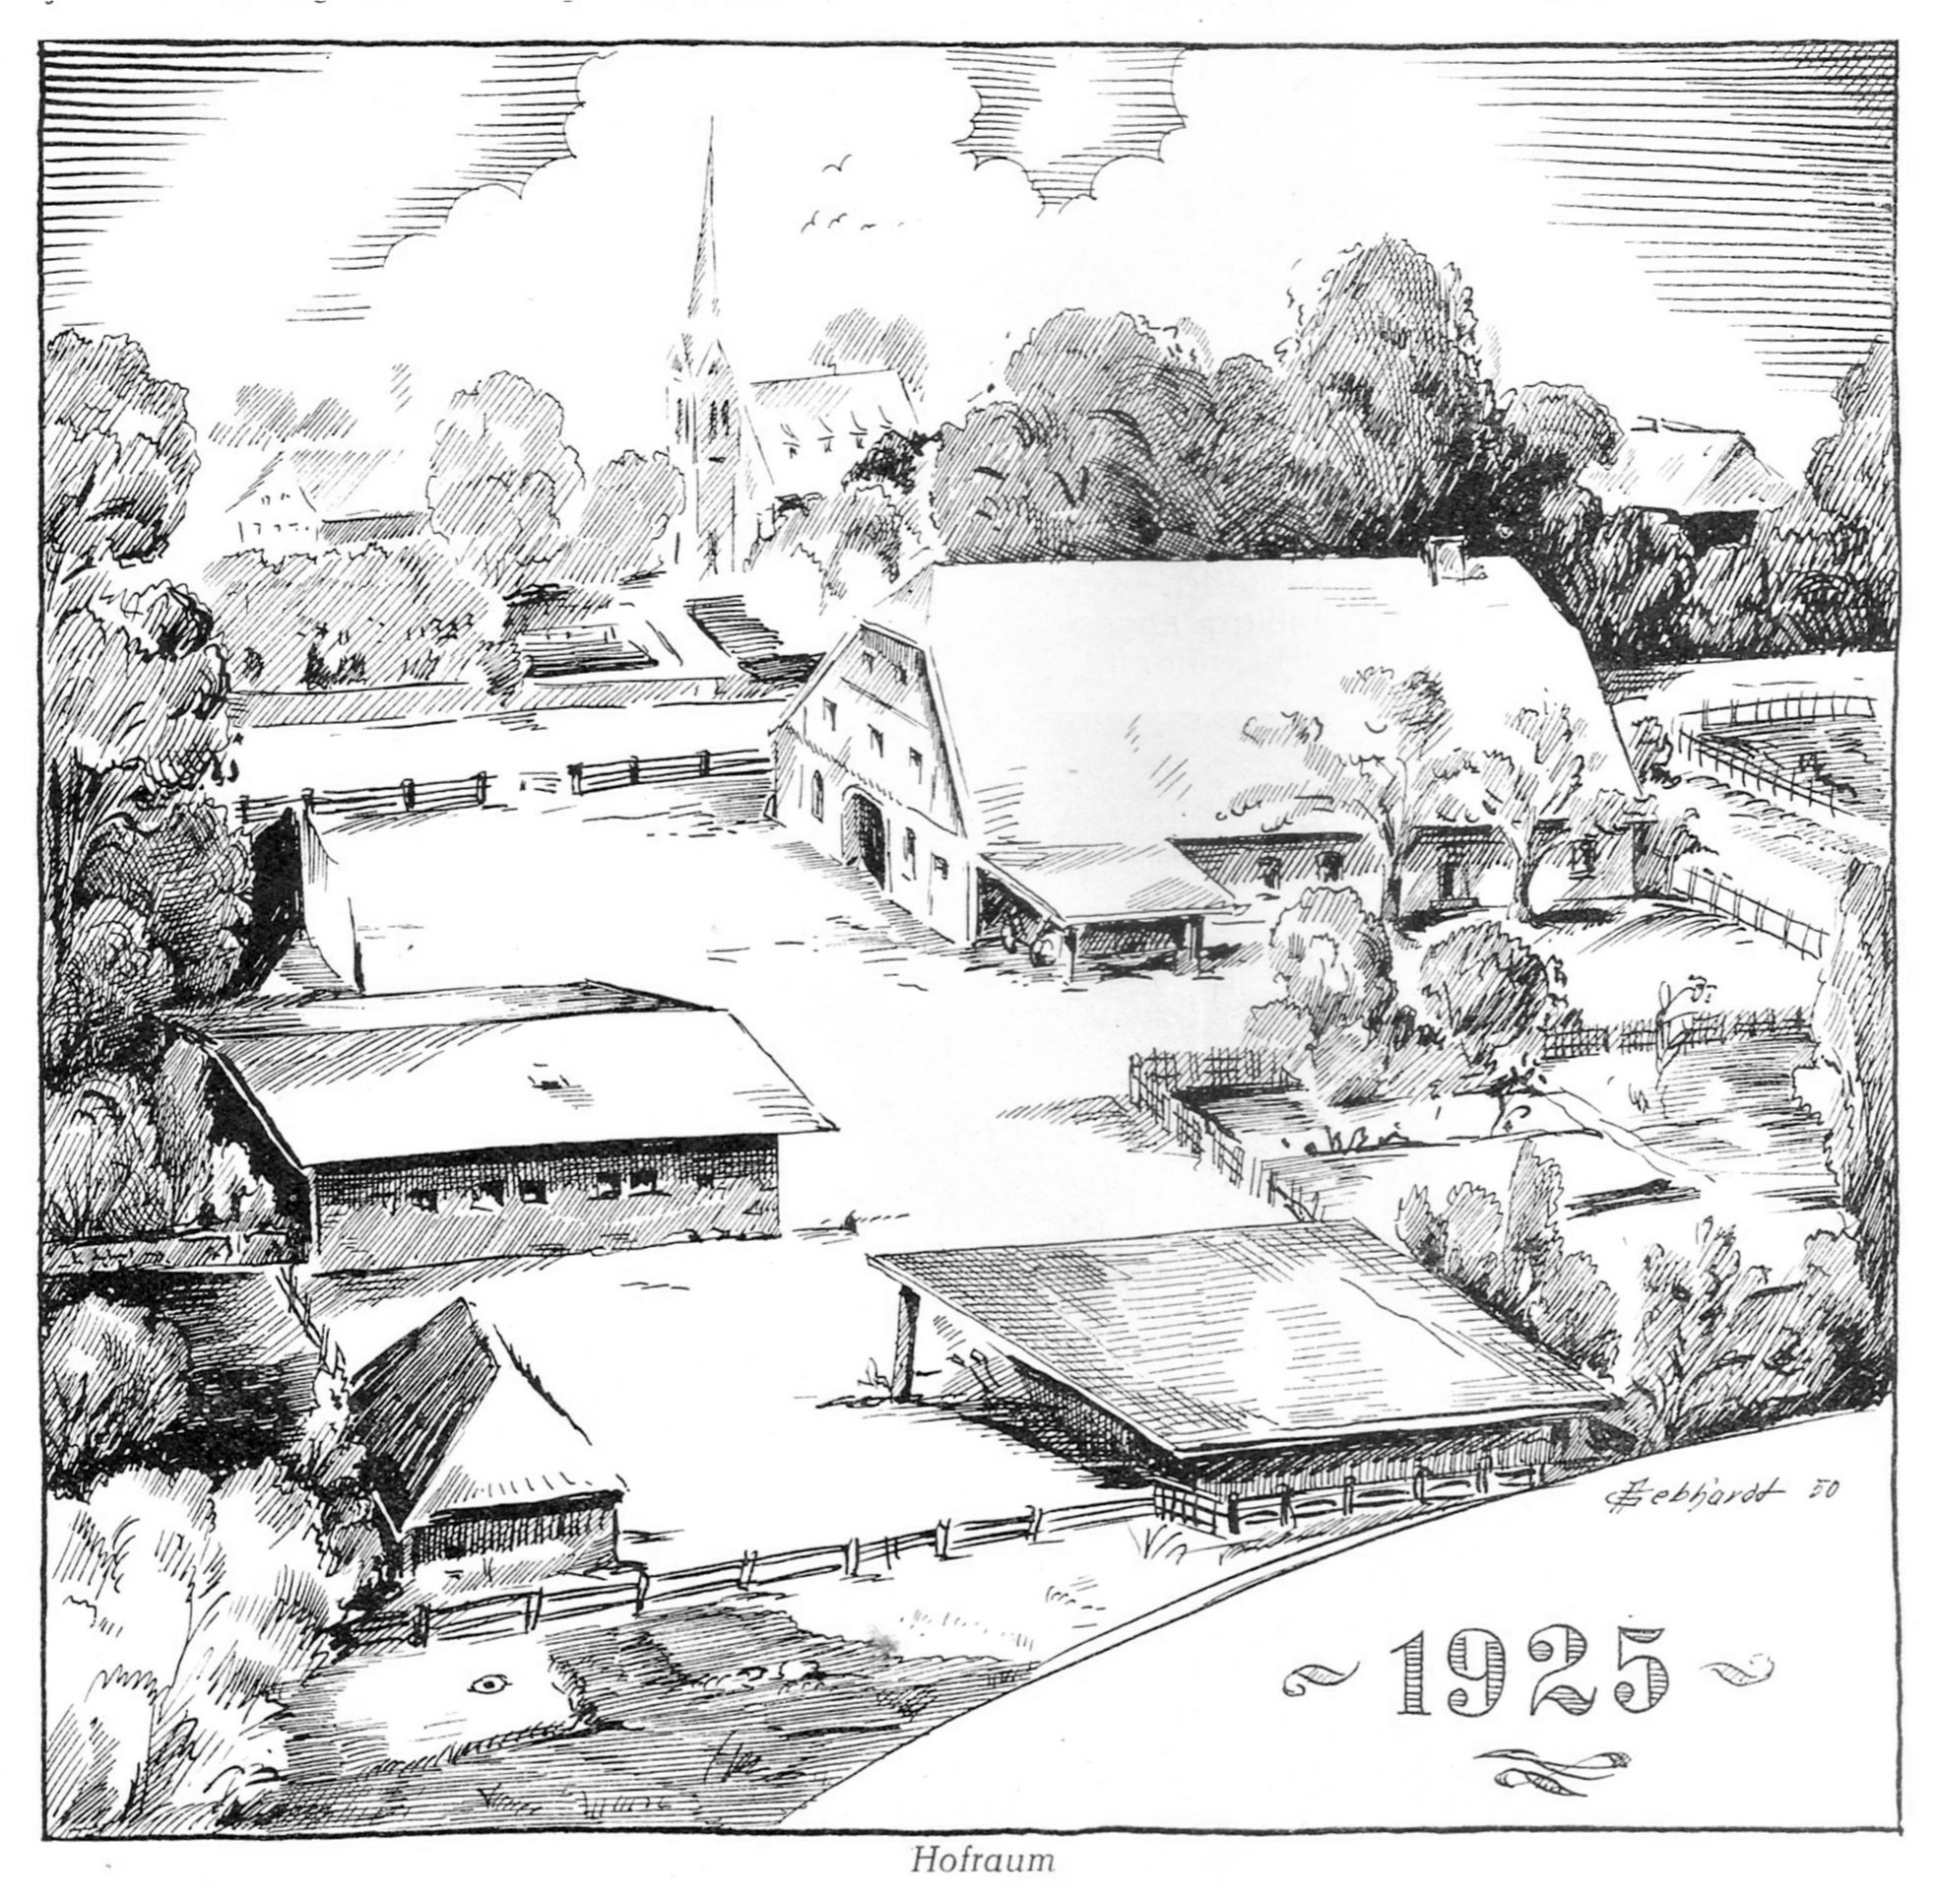 hof-g-kruse-lva-1925